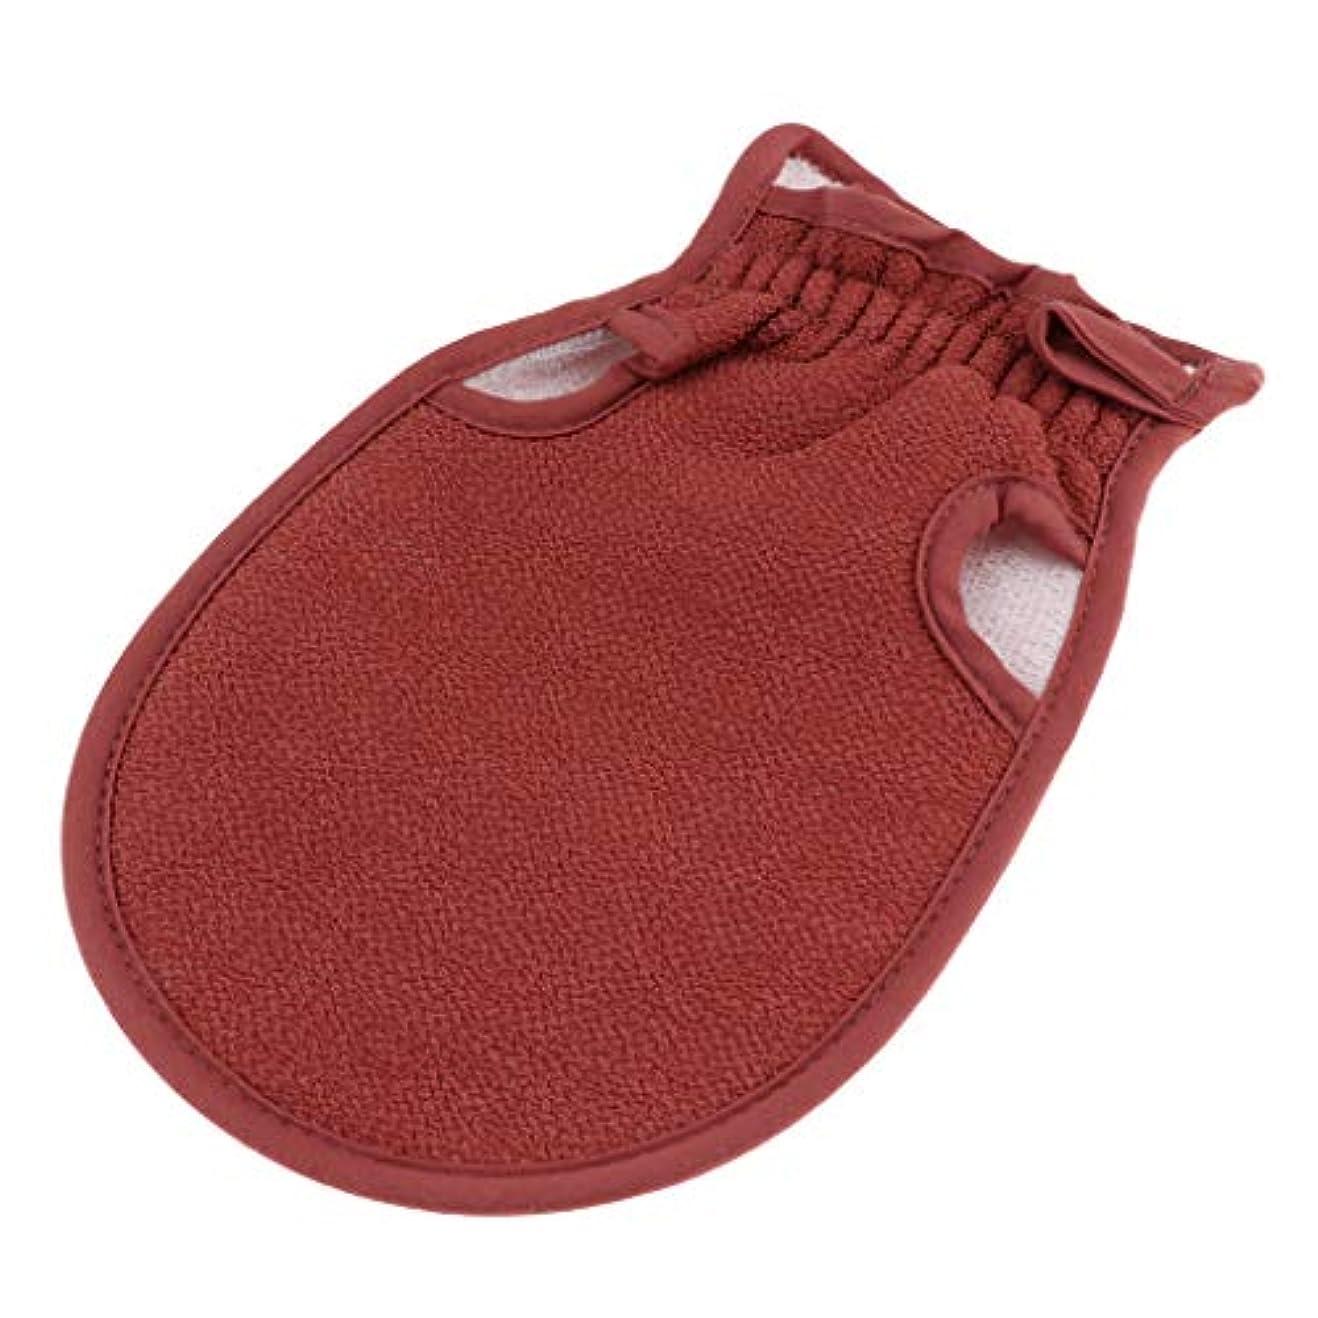 習熟度修理工微生物gazechimp 全4色 浴用手袋 ボディタオル 垢すり手袋 バス用品 両面デザイン 毛穴清潔 角質除去 男女兼用 - コーヒー